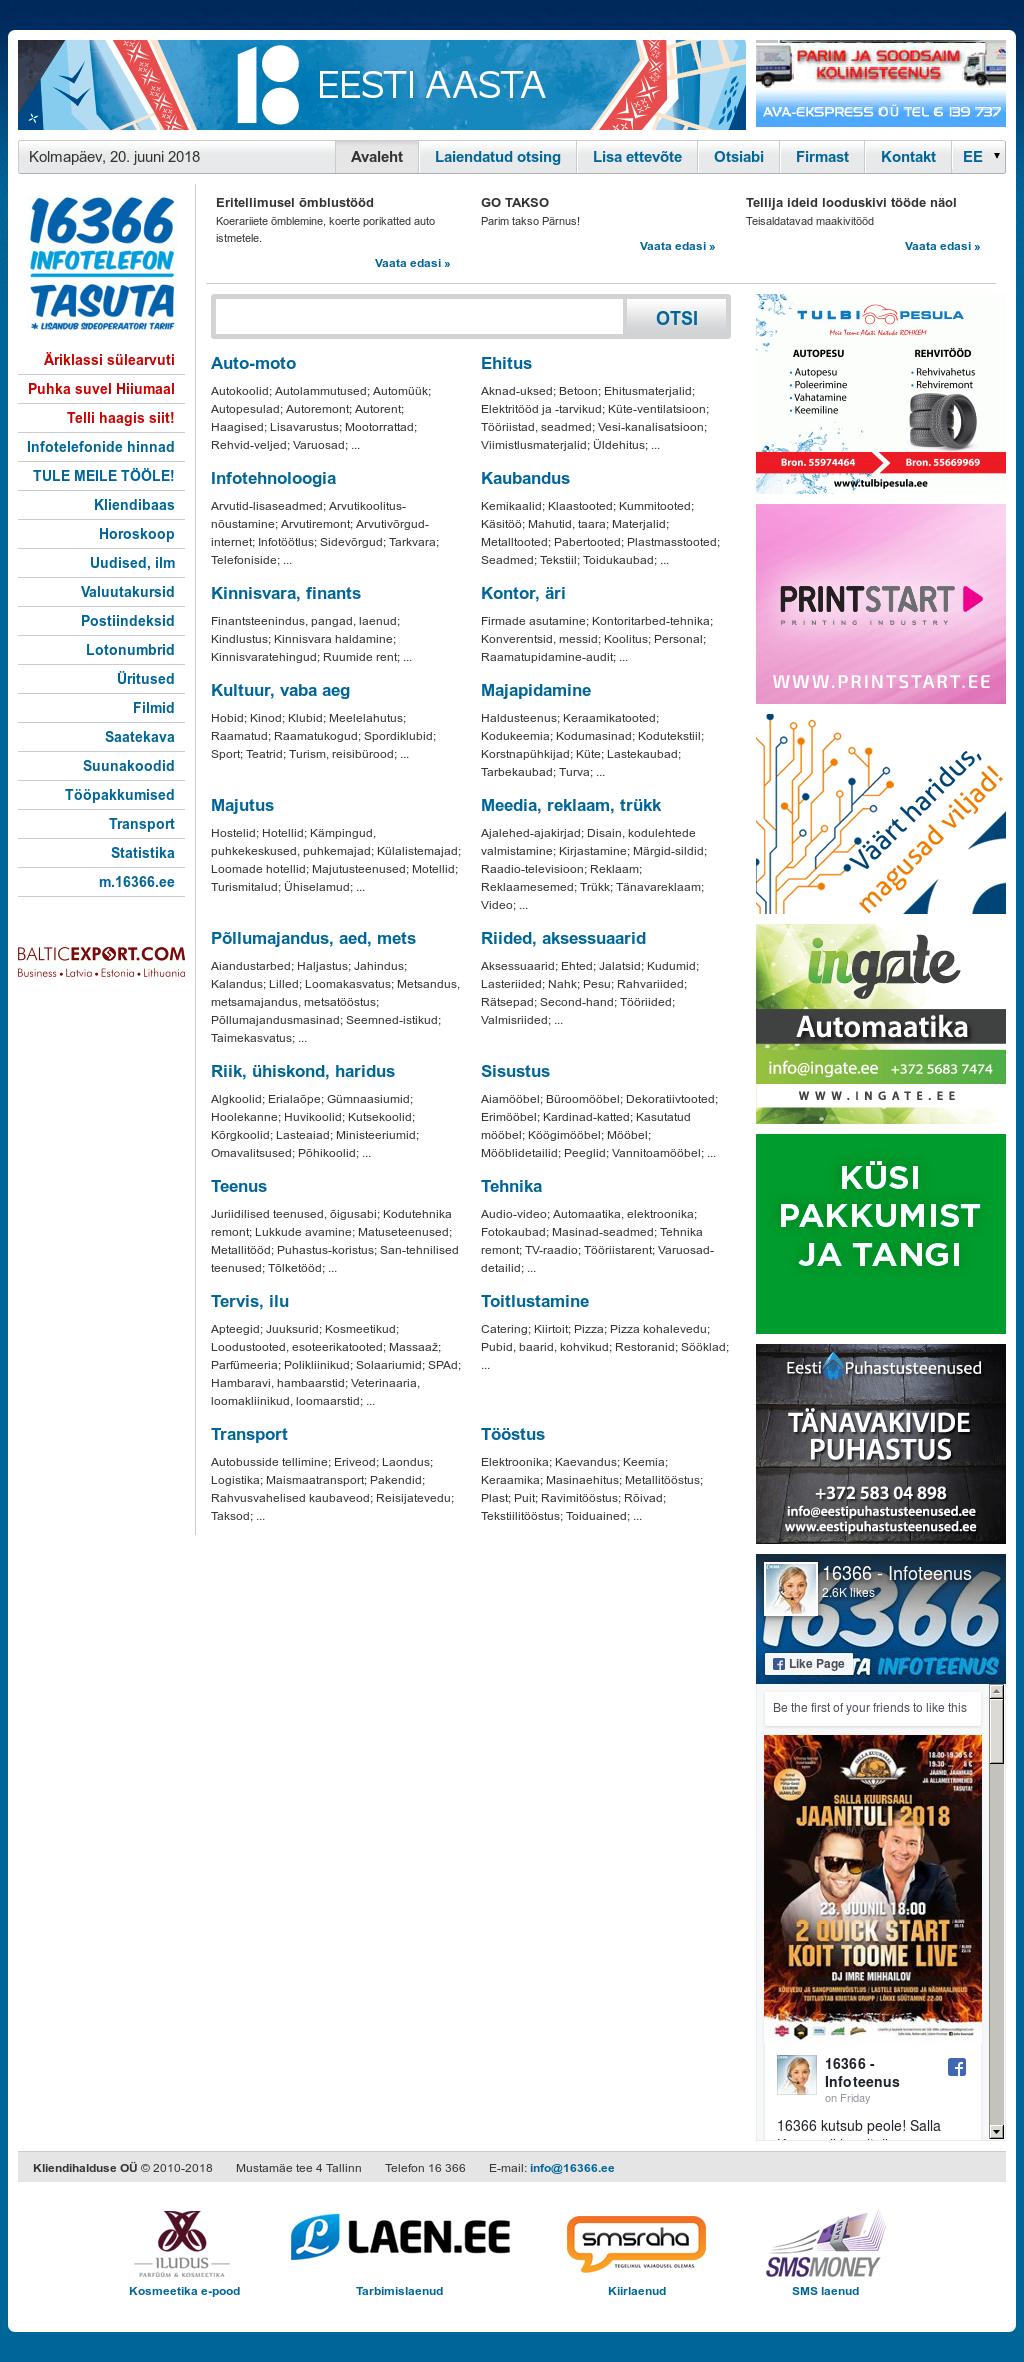 16366 - Infotelefon website history